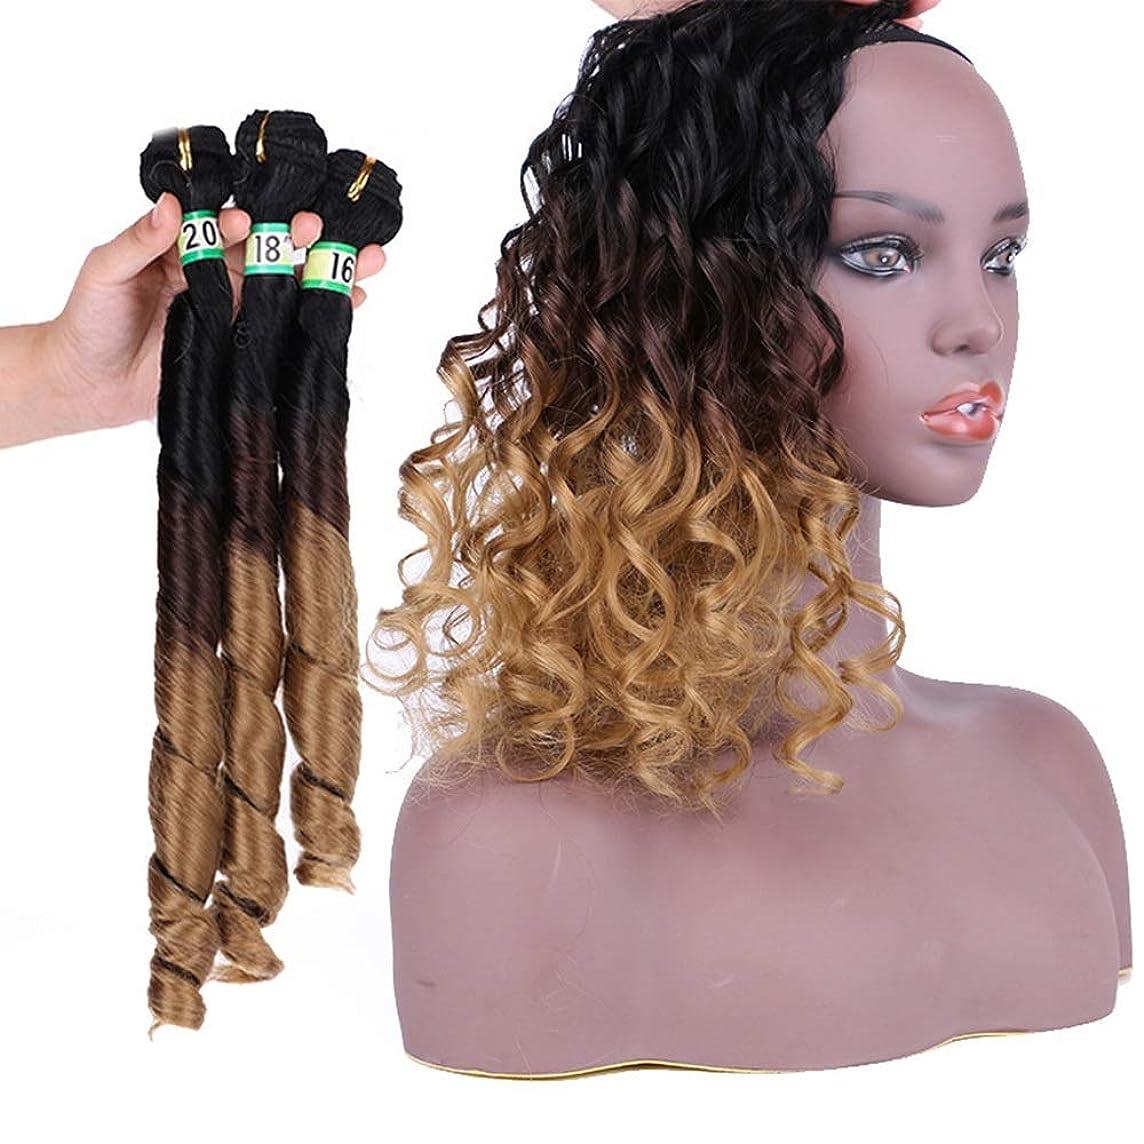 抽出パシフィックハシーYrattary 女性の黒のグラデーションブラウンの人工毛3バンドル春の毛のエクステンション合成髪のレースのかつらロールプレイングウィッグロングとショートの女性自然 (色 : ブラウン, サイズ : 16inch-20inch)